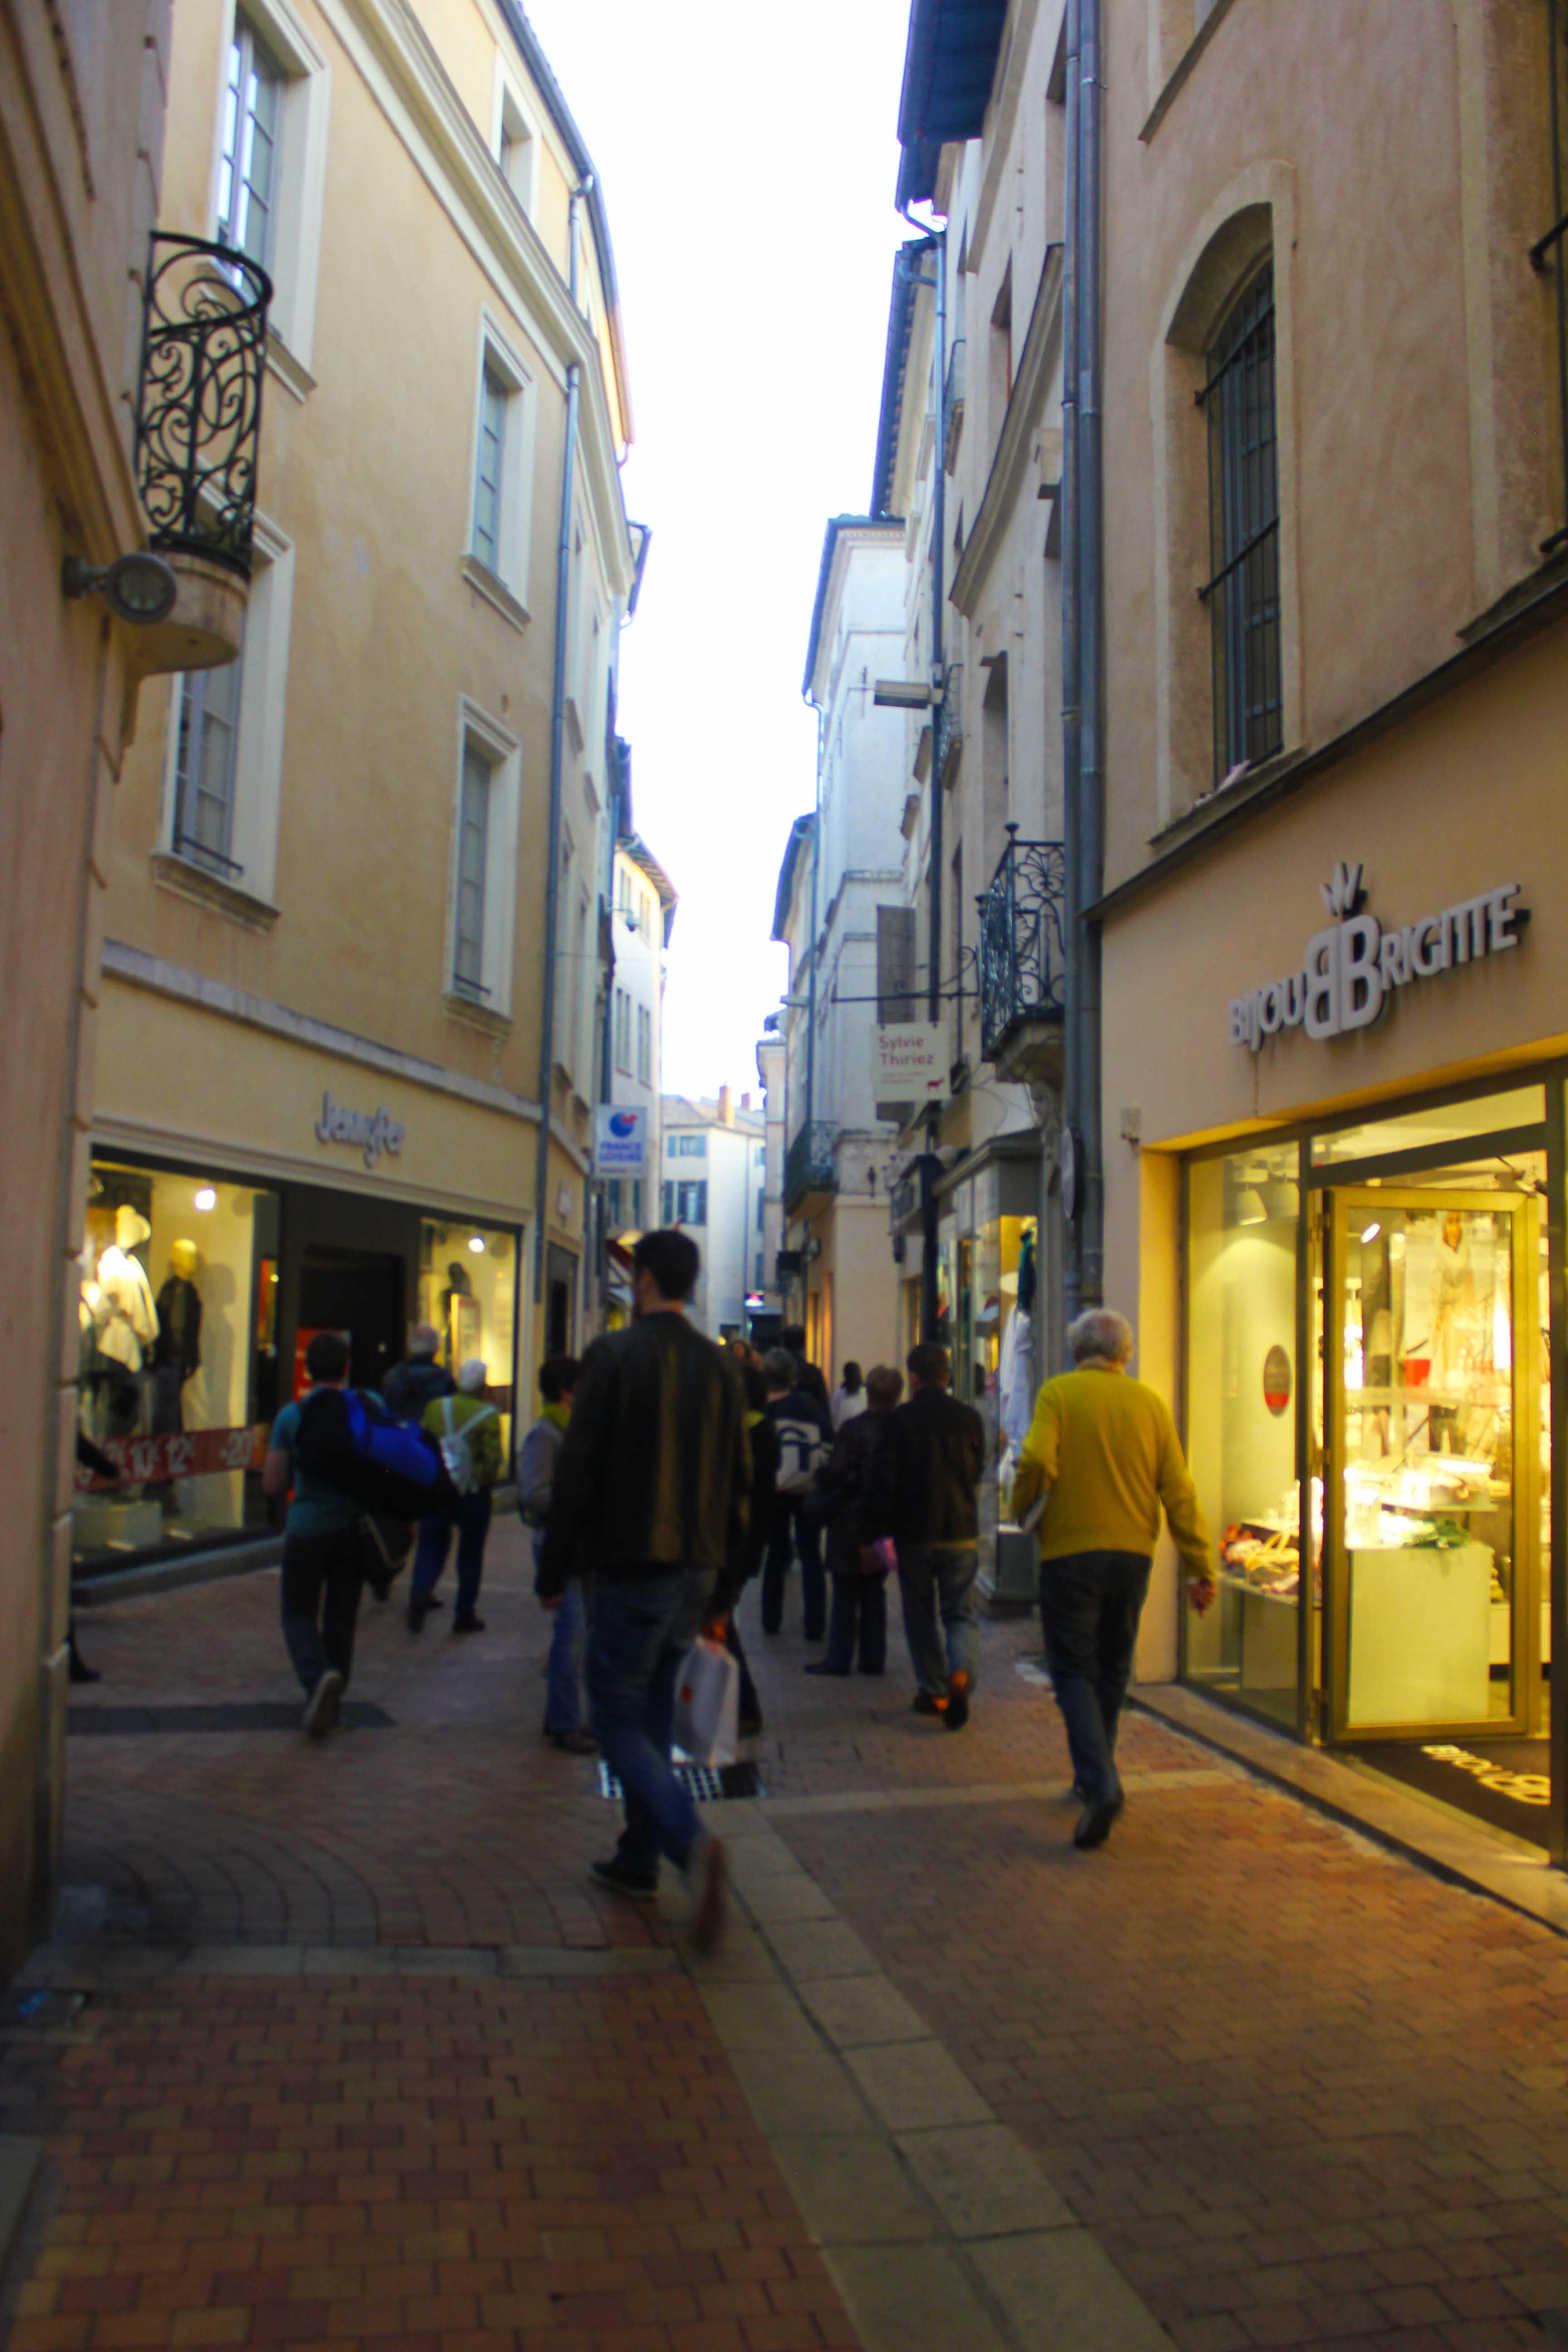 Centro da cidade que reúne lojas e cafés